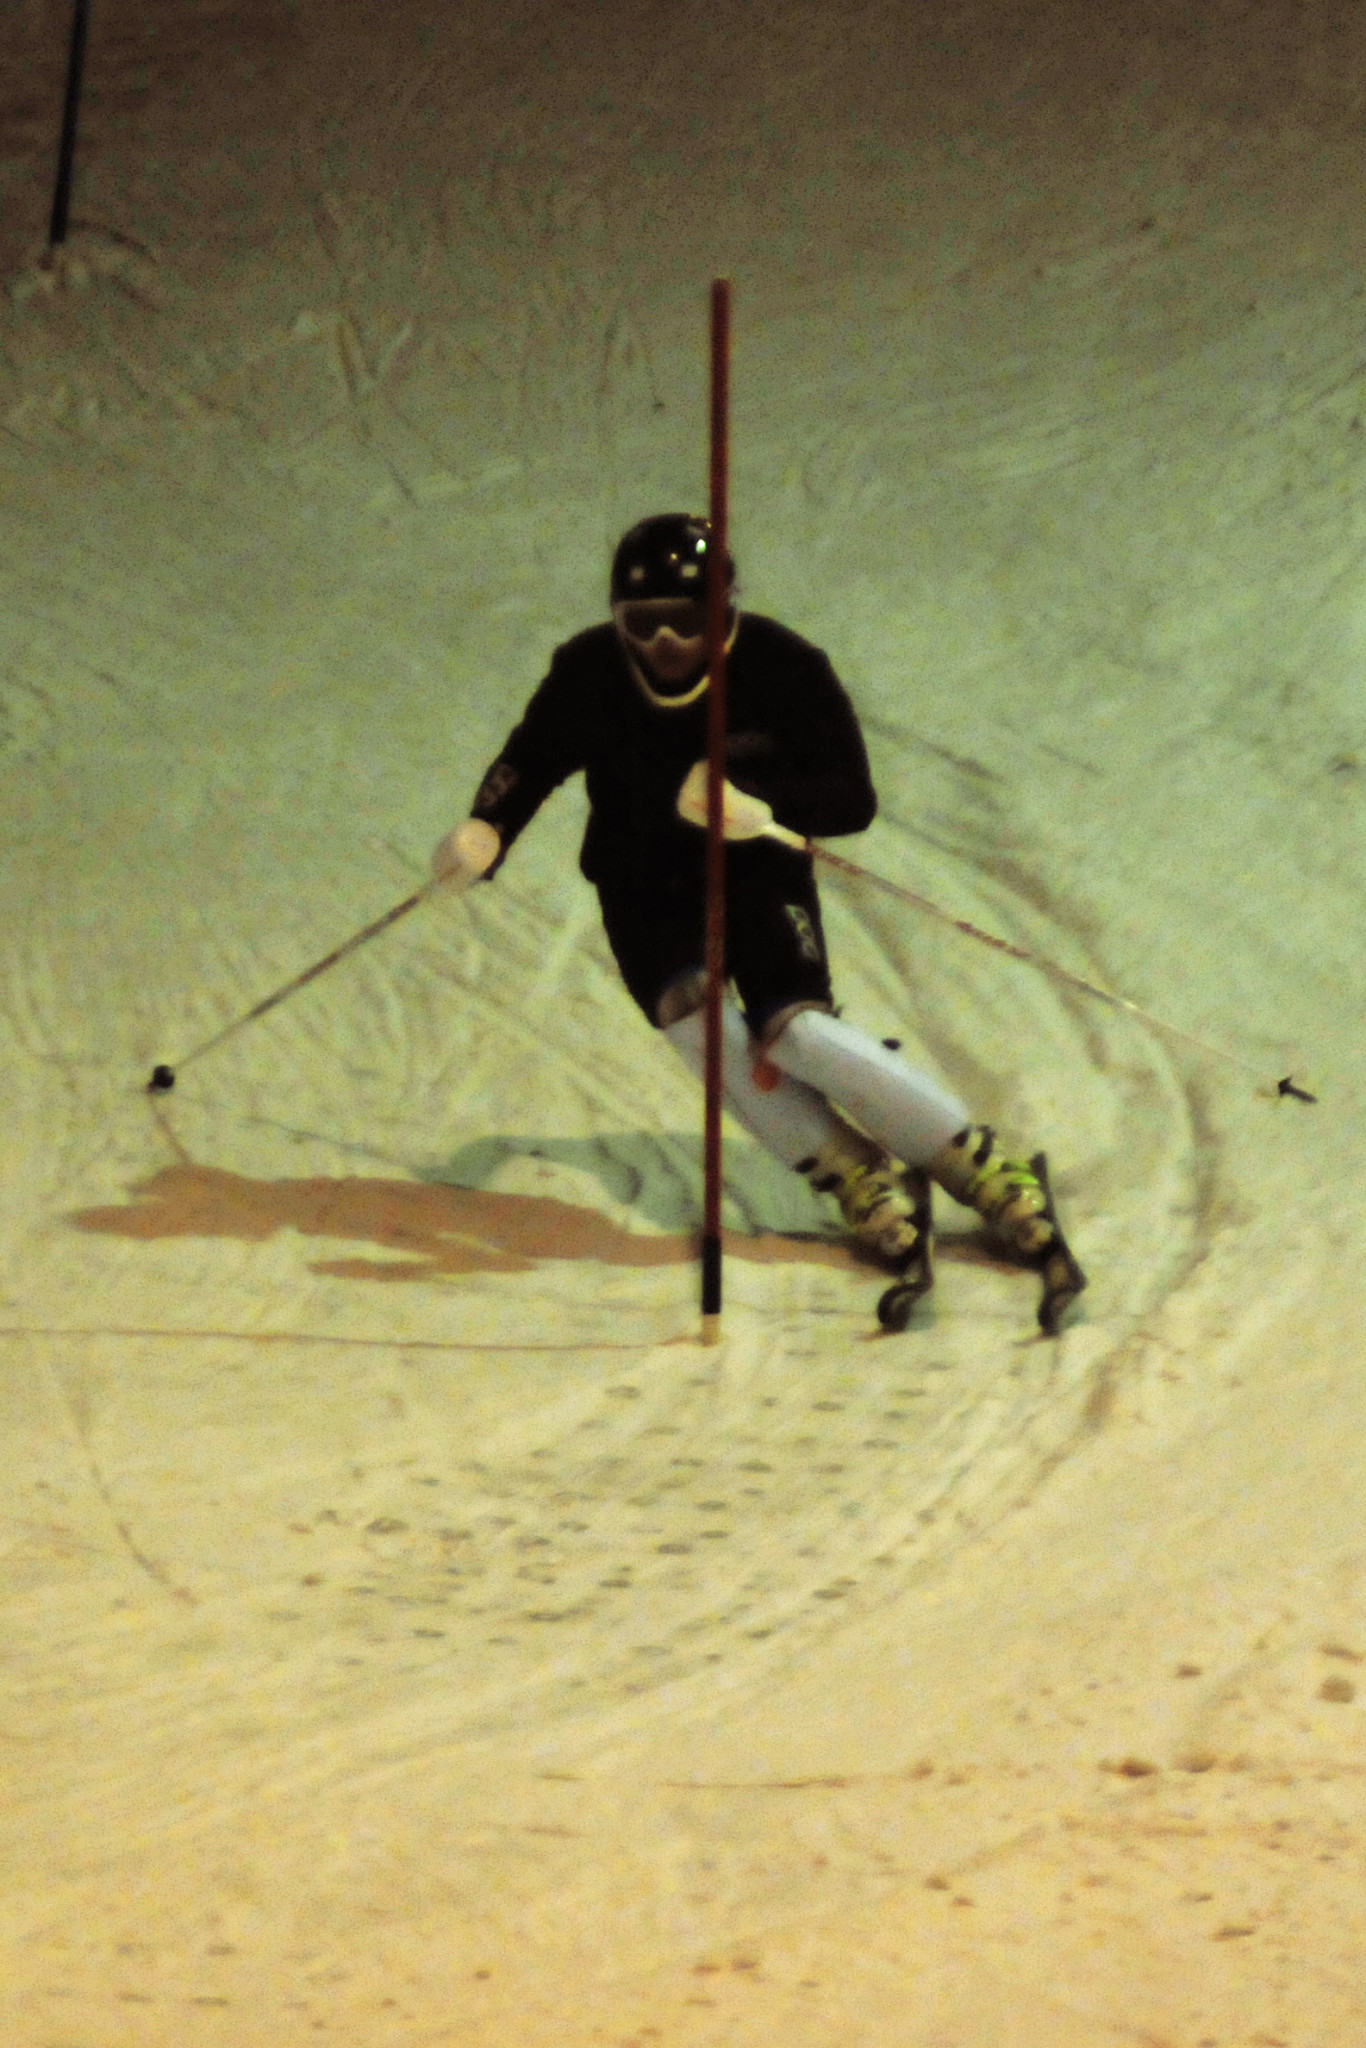 När timing och förtroende sitter så gör även skidorna det. Här demonstrerat av Noah Rask, SK Boge.